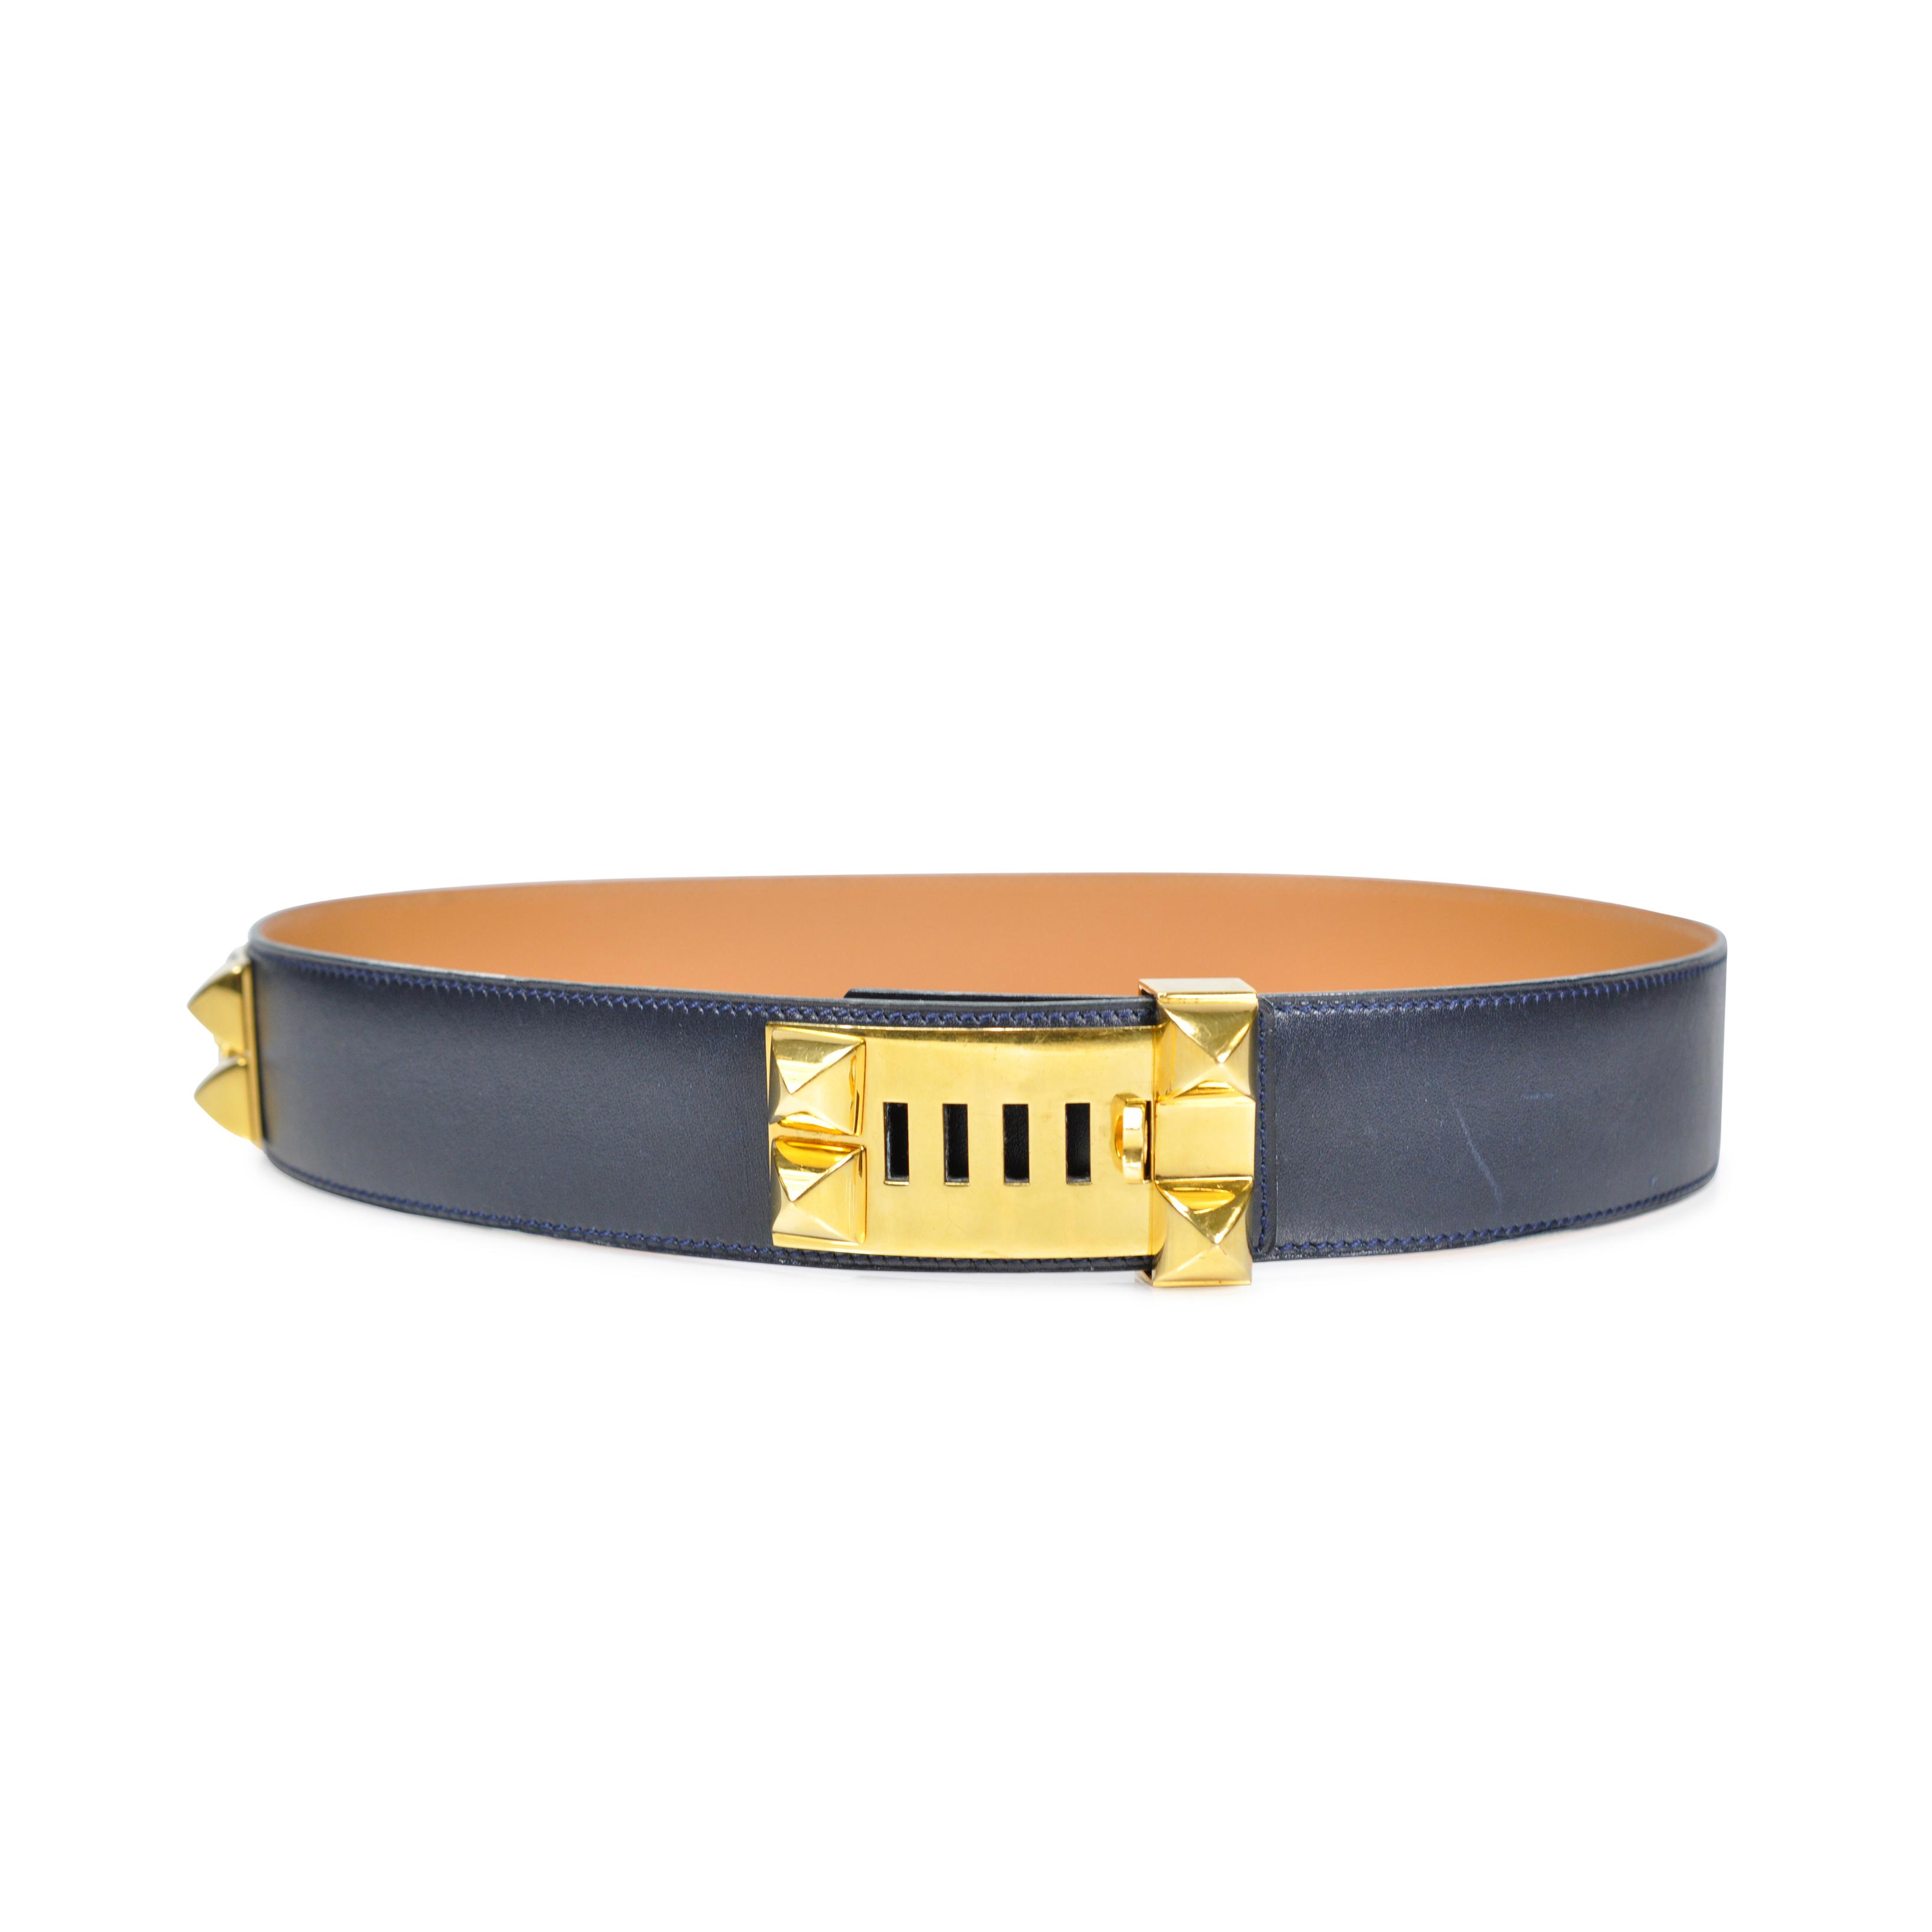 acfd14a211e Authentic Vintage Hermès Médor Belt (TFC-101-00036)